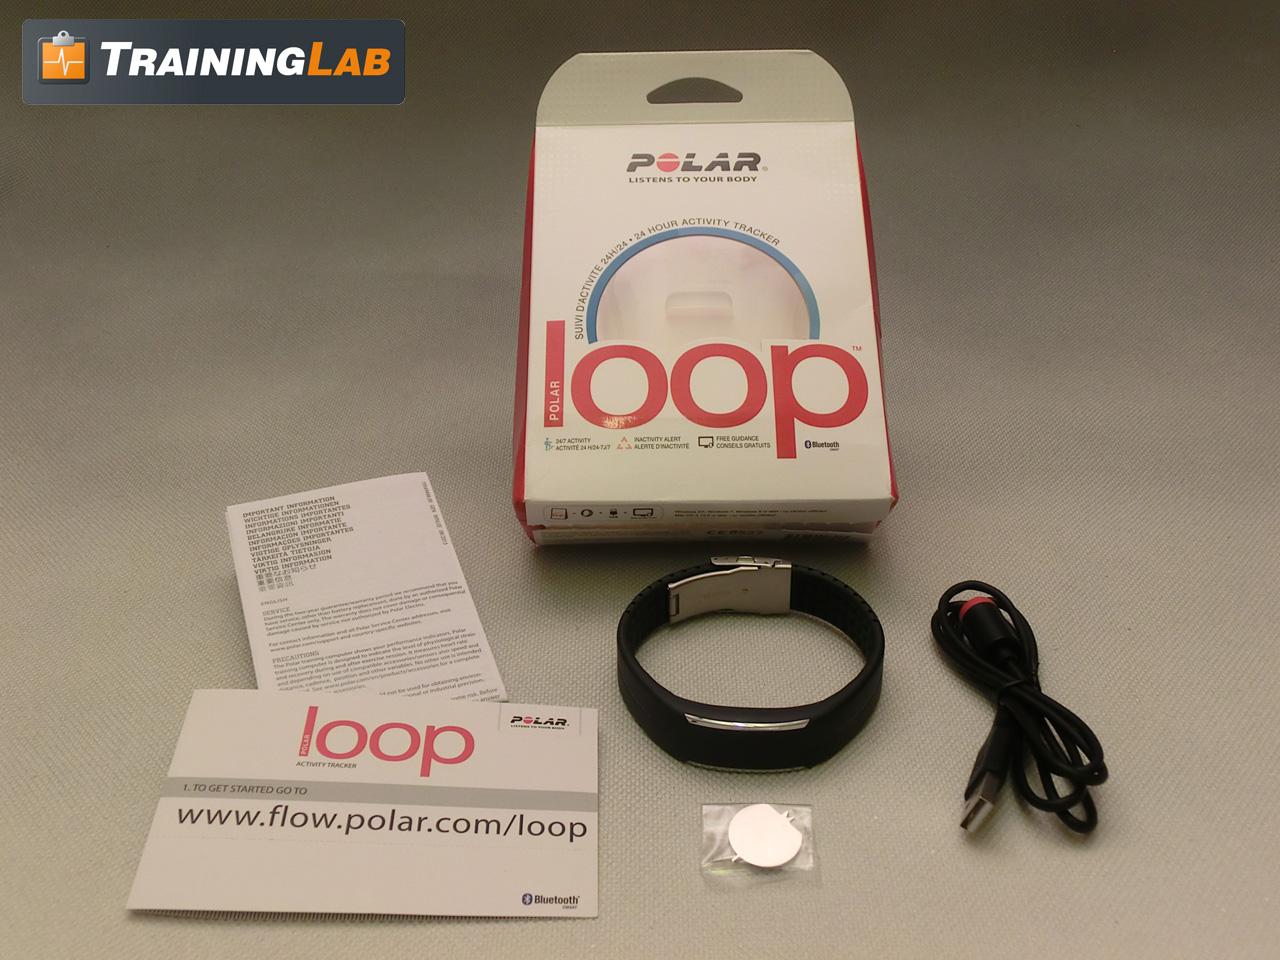 Polar Loop mit Zubehör und Originalverpackung